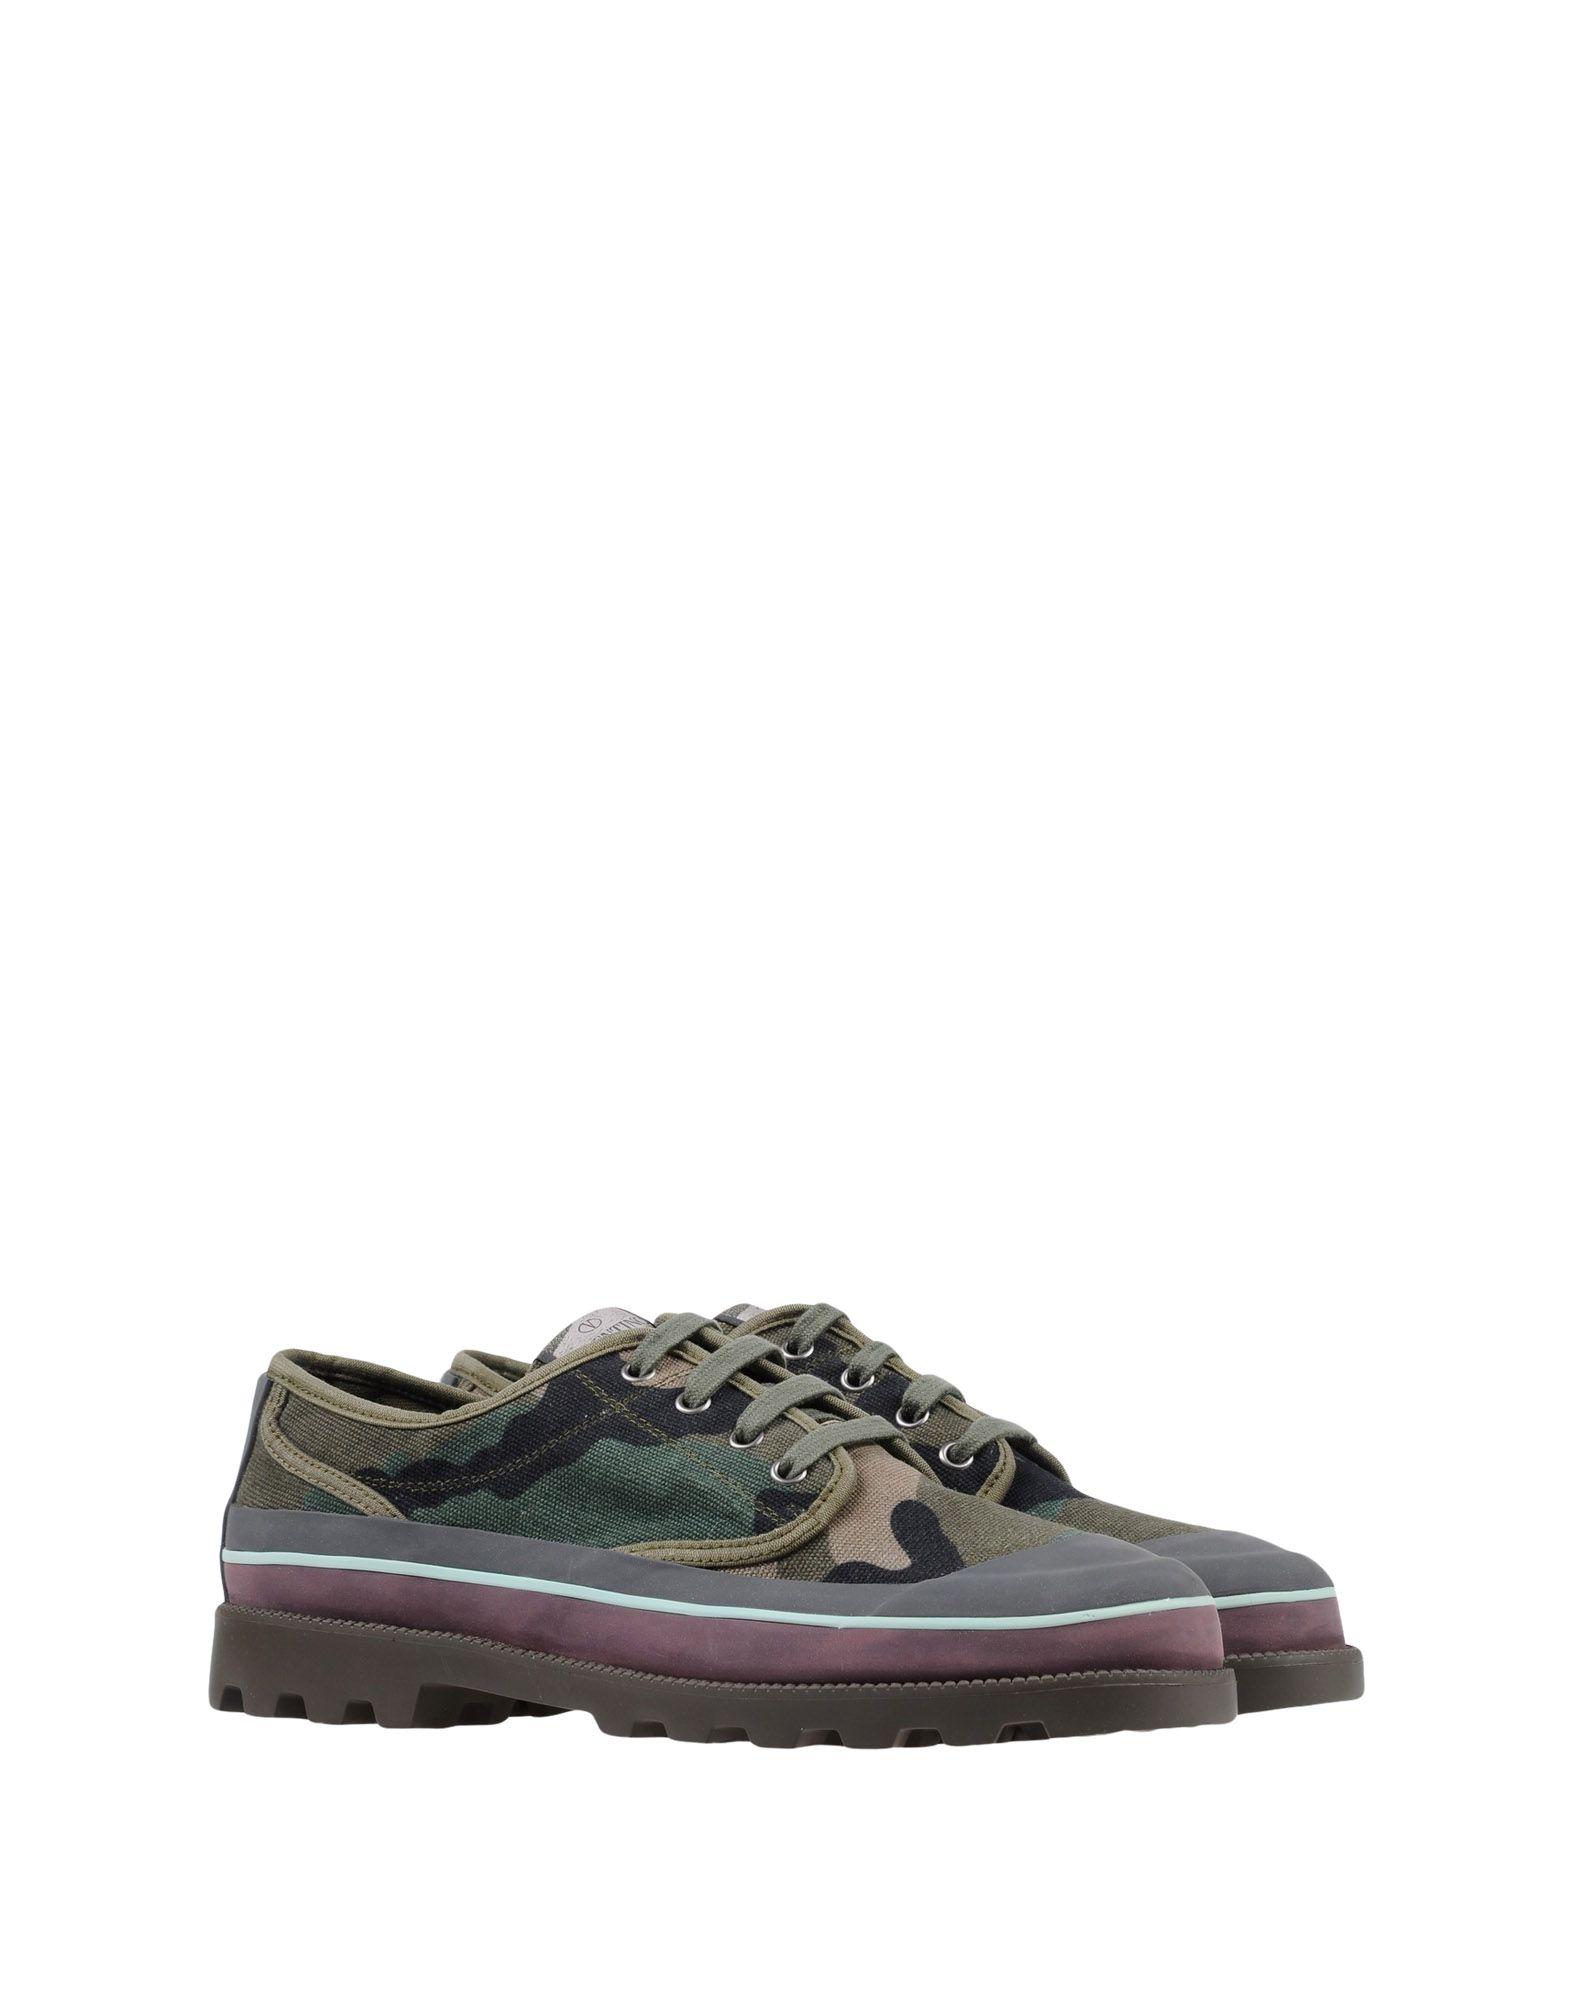 Valentino Garavani Schnürschuhe Herren  Schuhe 11366654PF Gute Qualität beliebte Schuhe  5b08e8